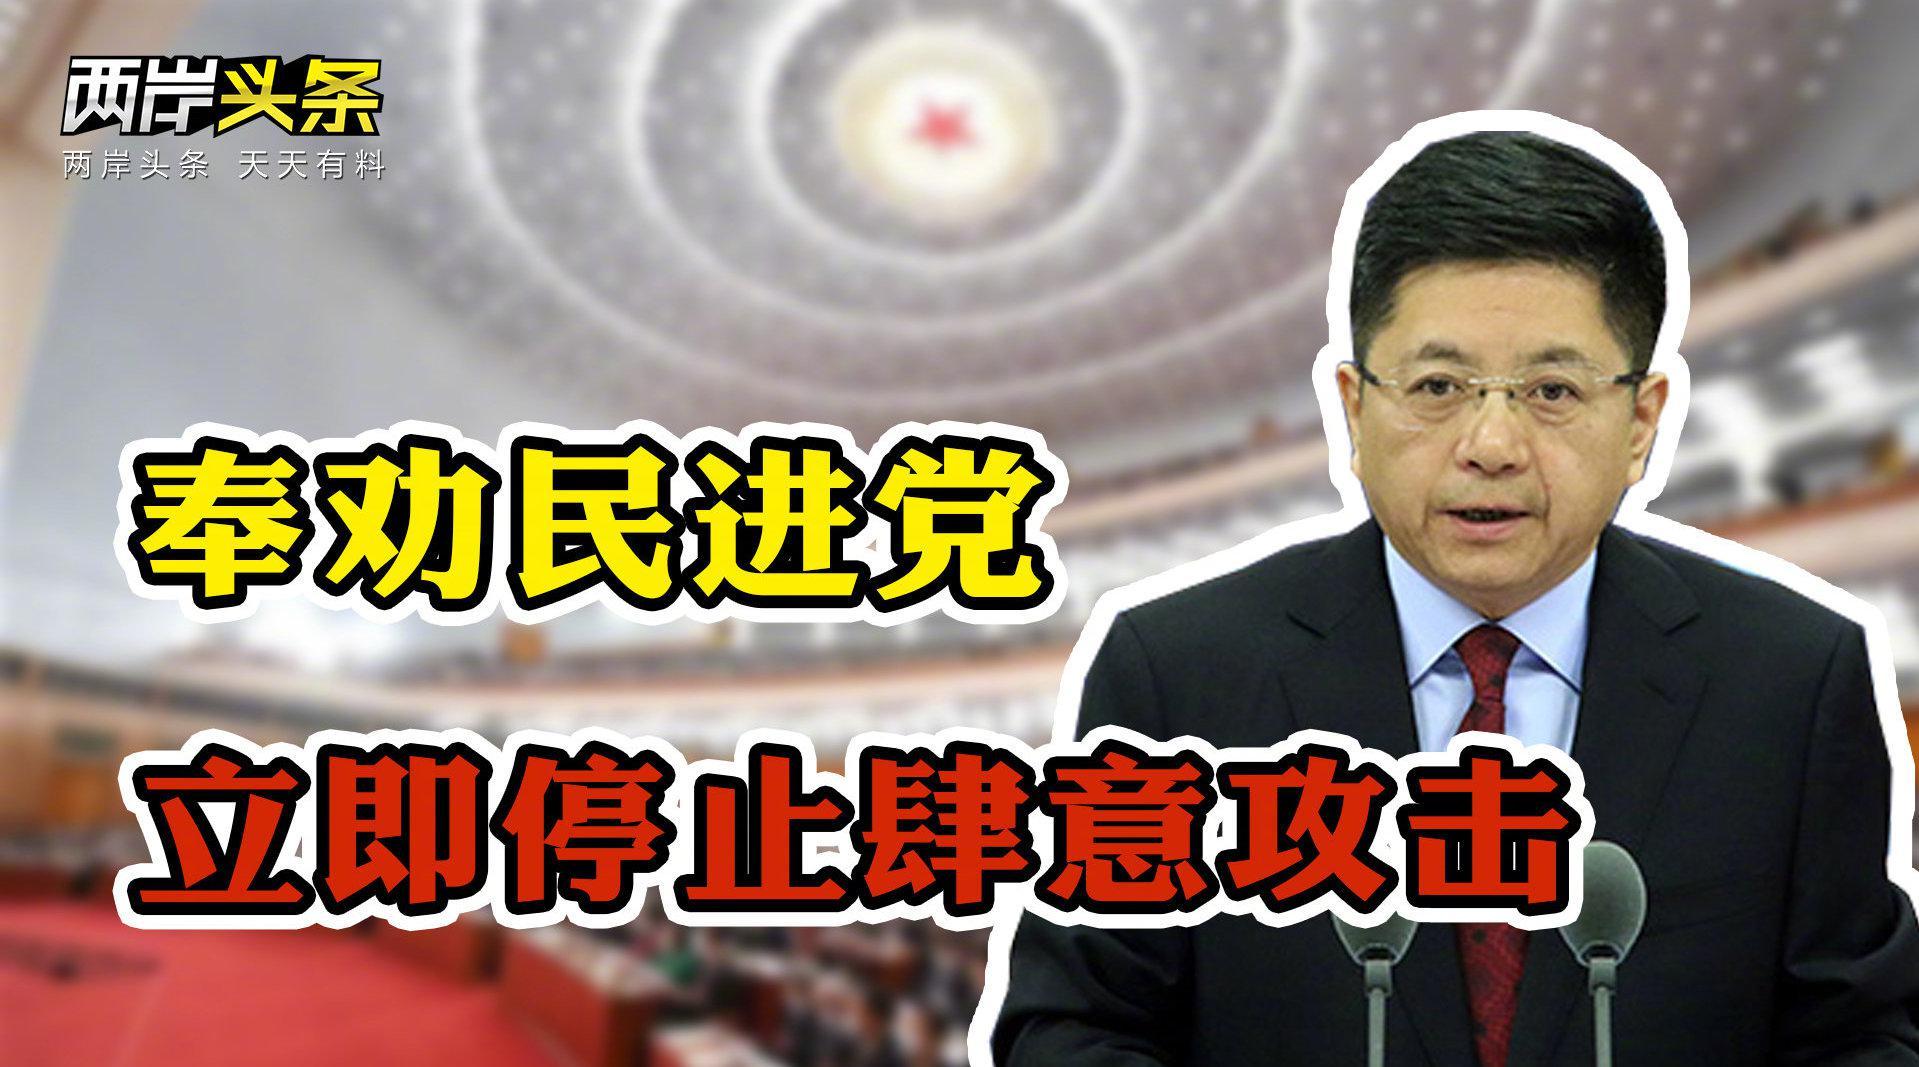 民进党攻击涉港议案国台办回应 蔡英文登太平岛提案被放冷冻库